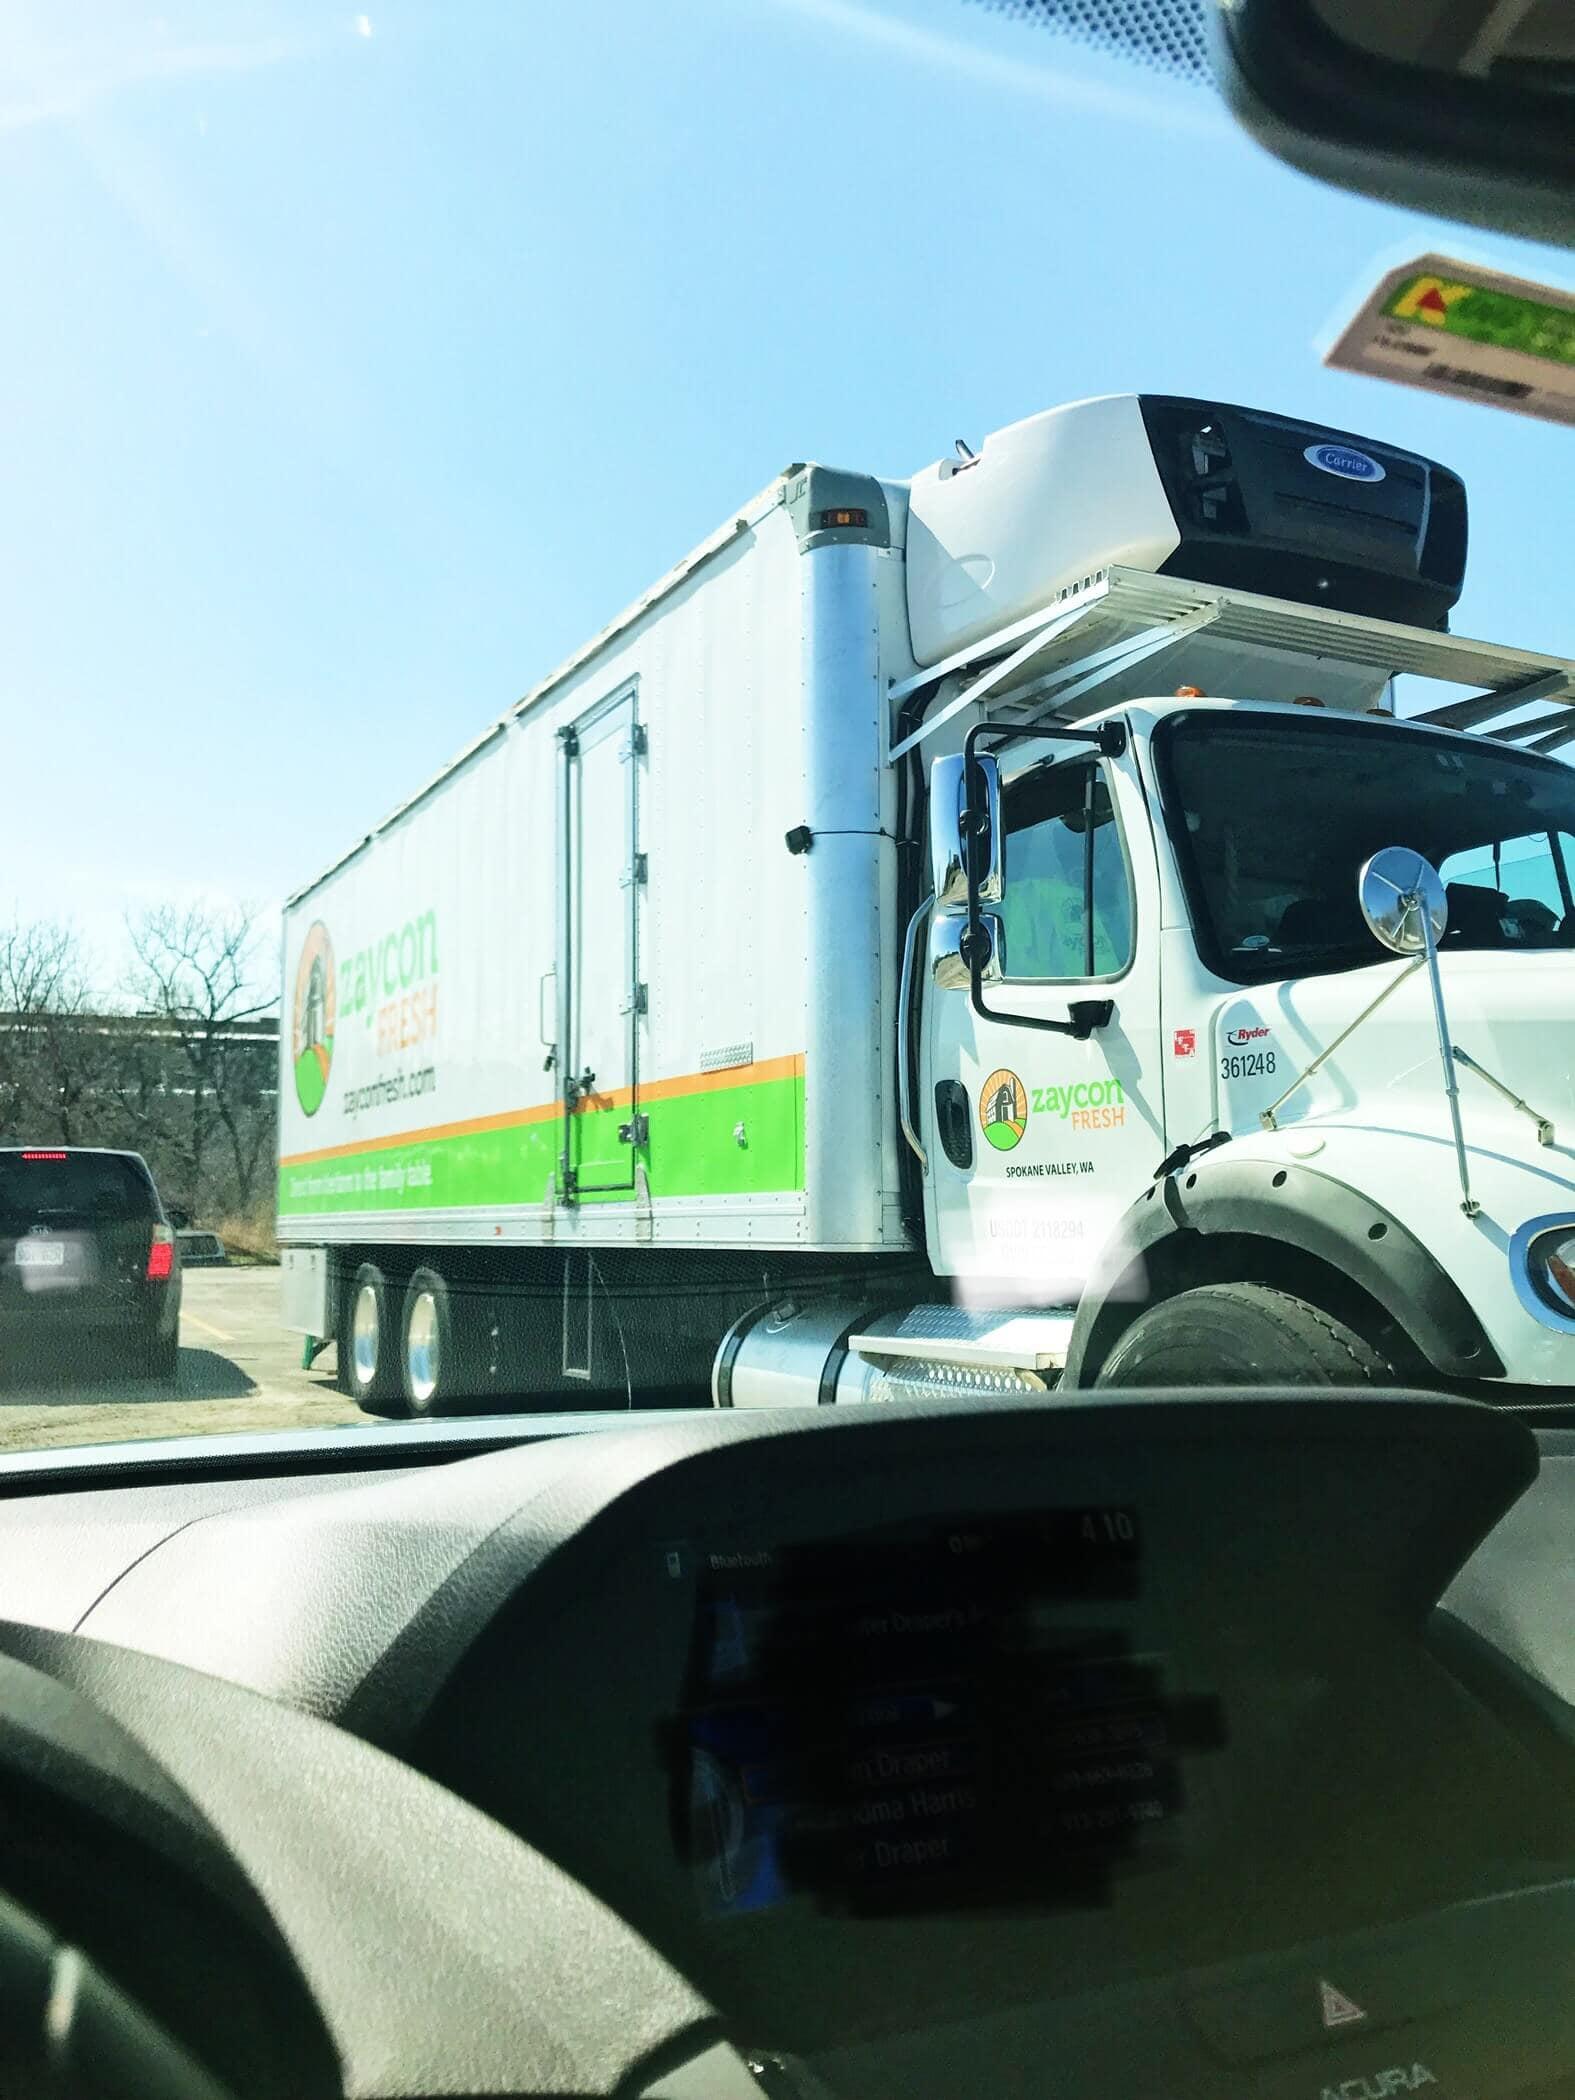 Zaycon Fresh Truck